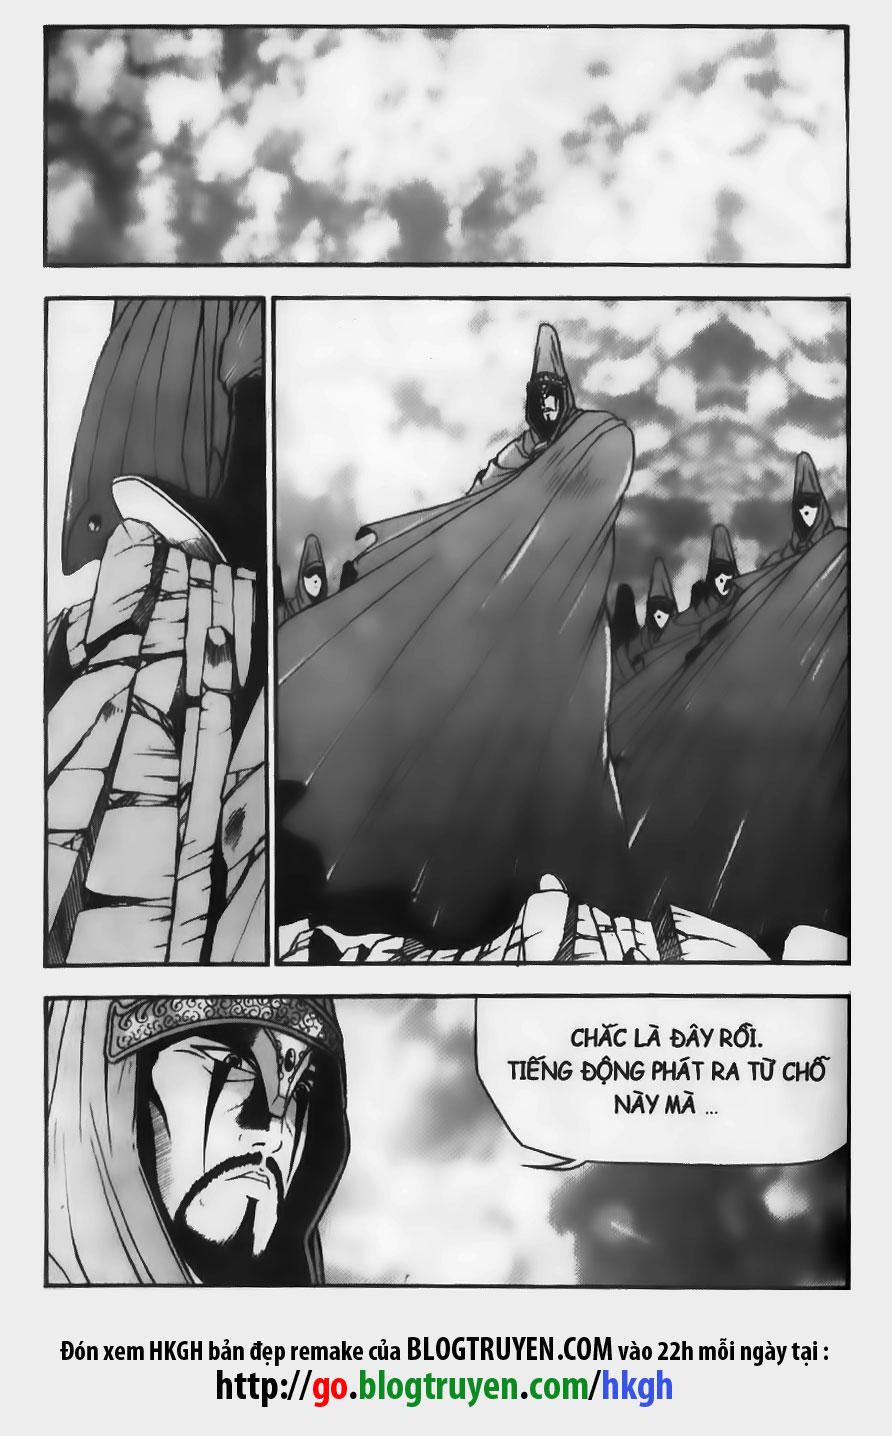 xem truyen moi - Hiệp Khách Giang Hồ Vol06 - Chap 039 - Remake